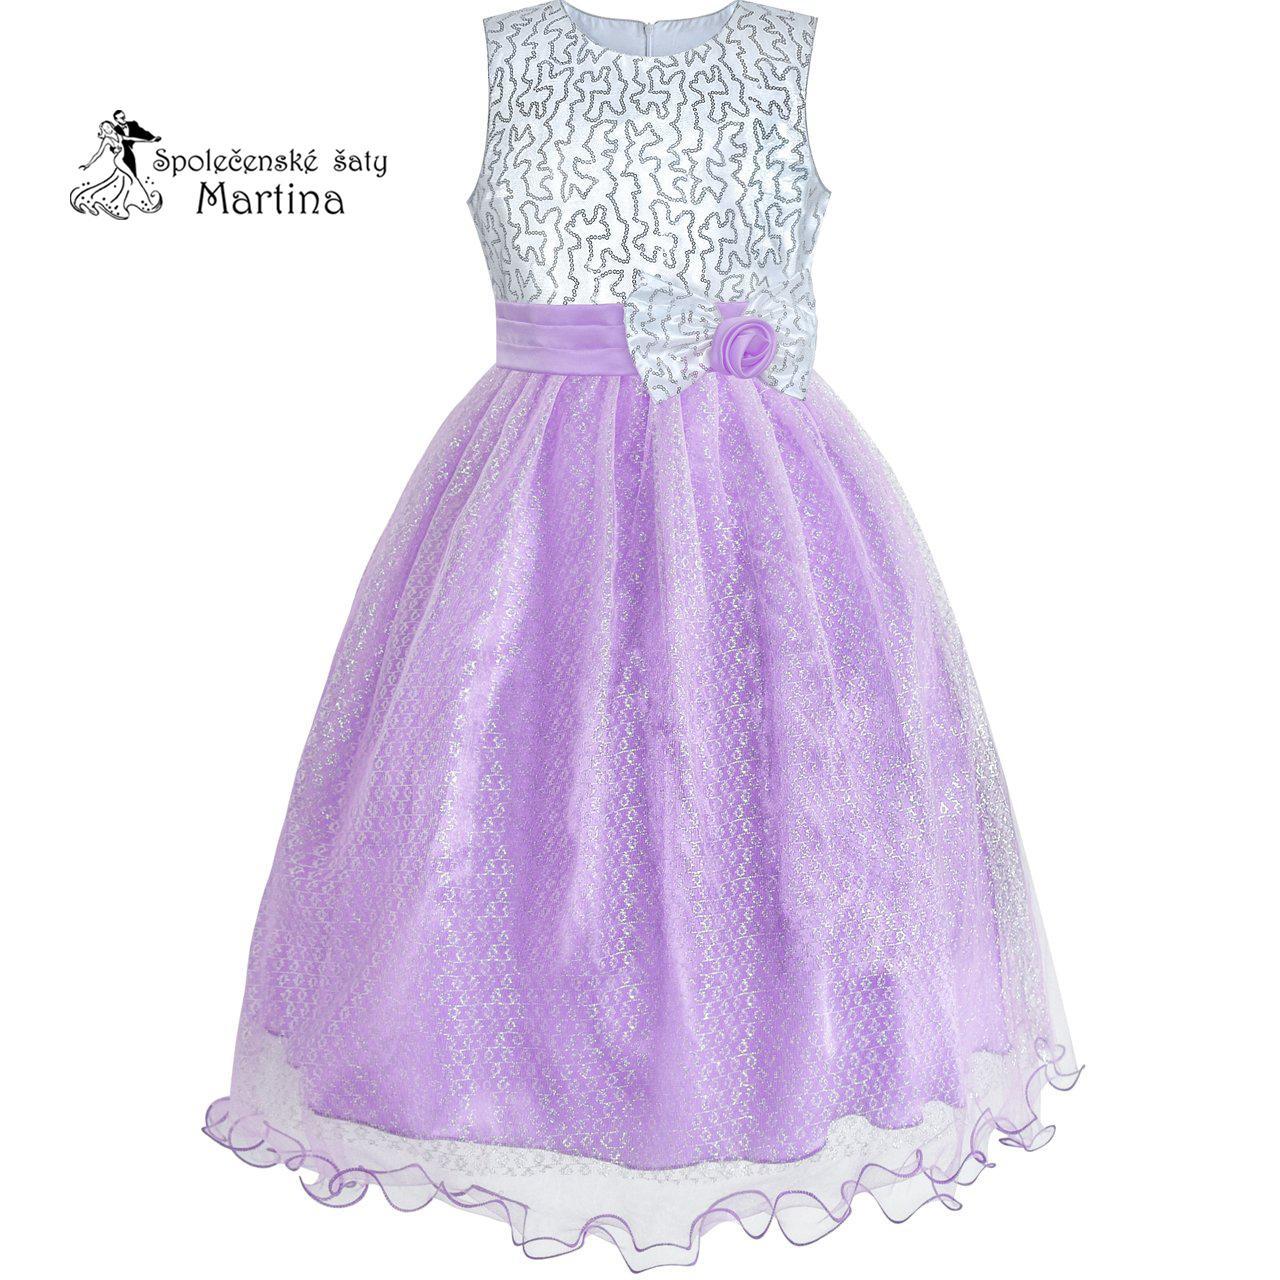 5390c1223a79 Dievčenské šaty